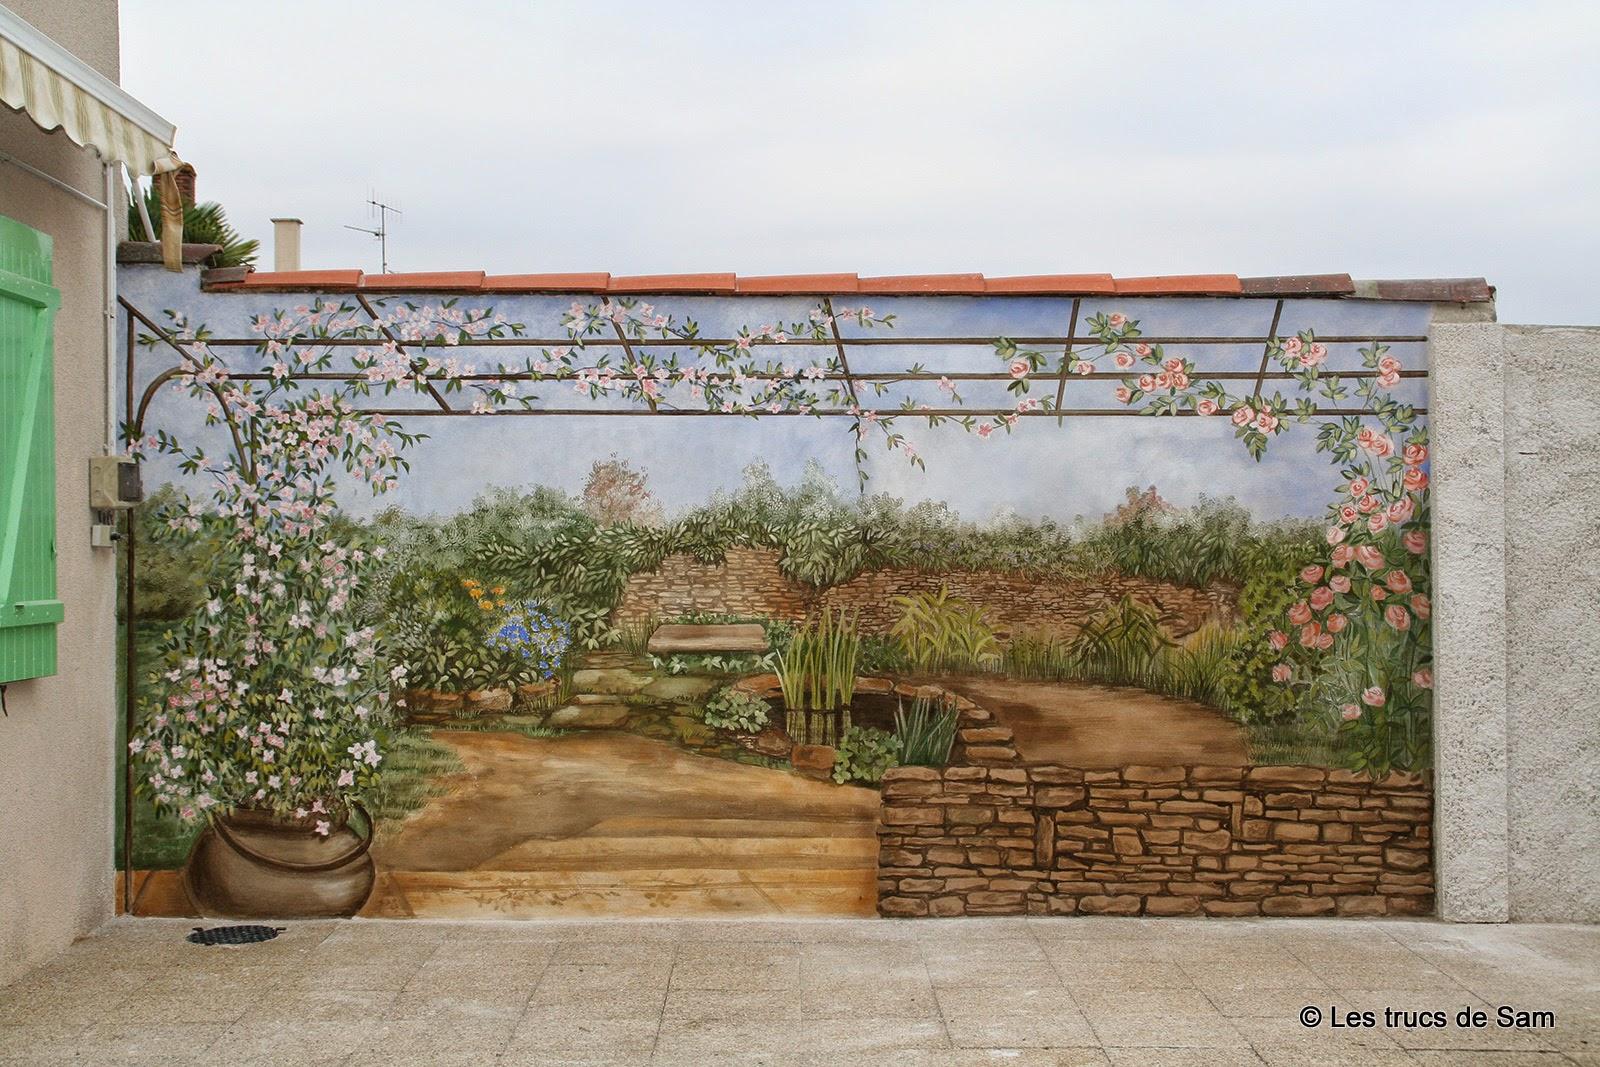 Les trucs de sam fresque l 39 ancienne sur un mur ext rieur - Fresque sur mur exterieur ...